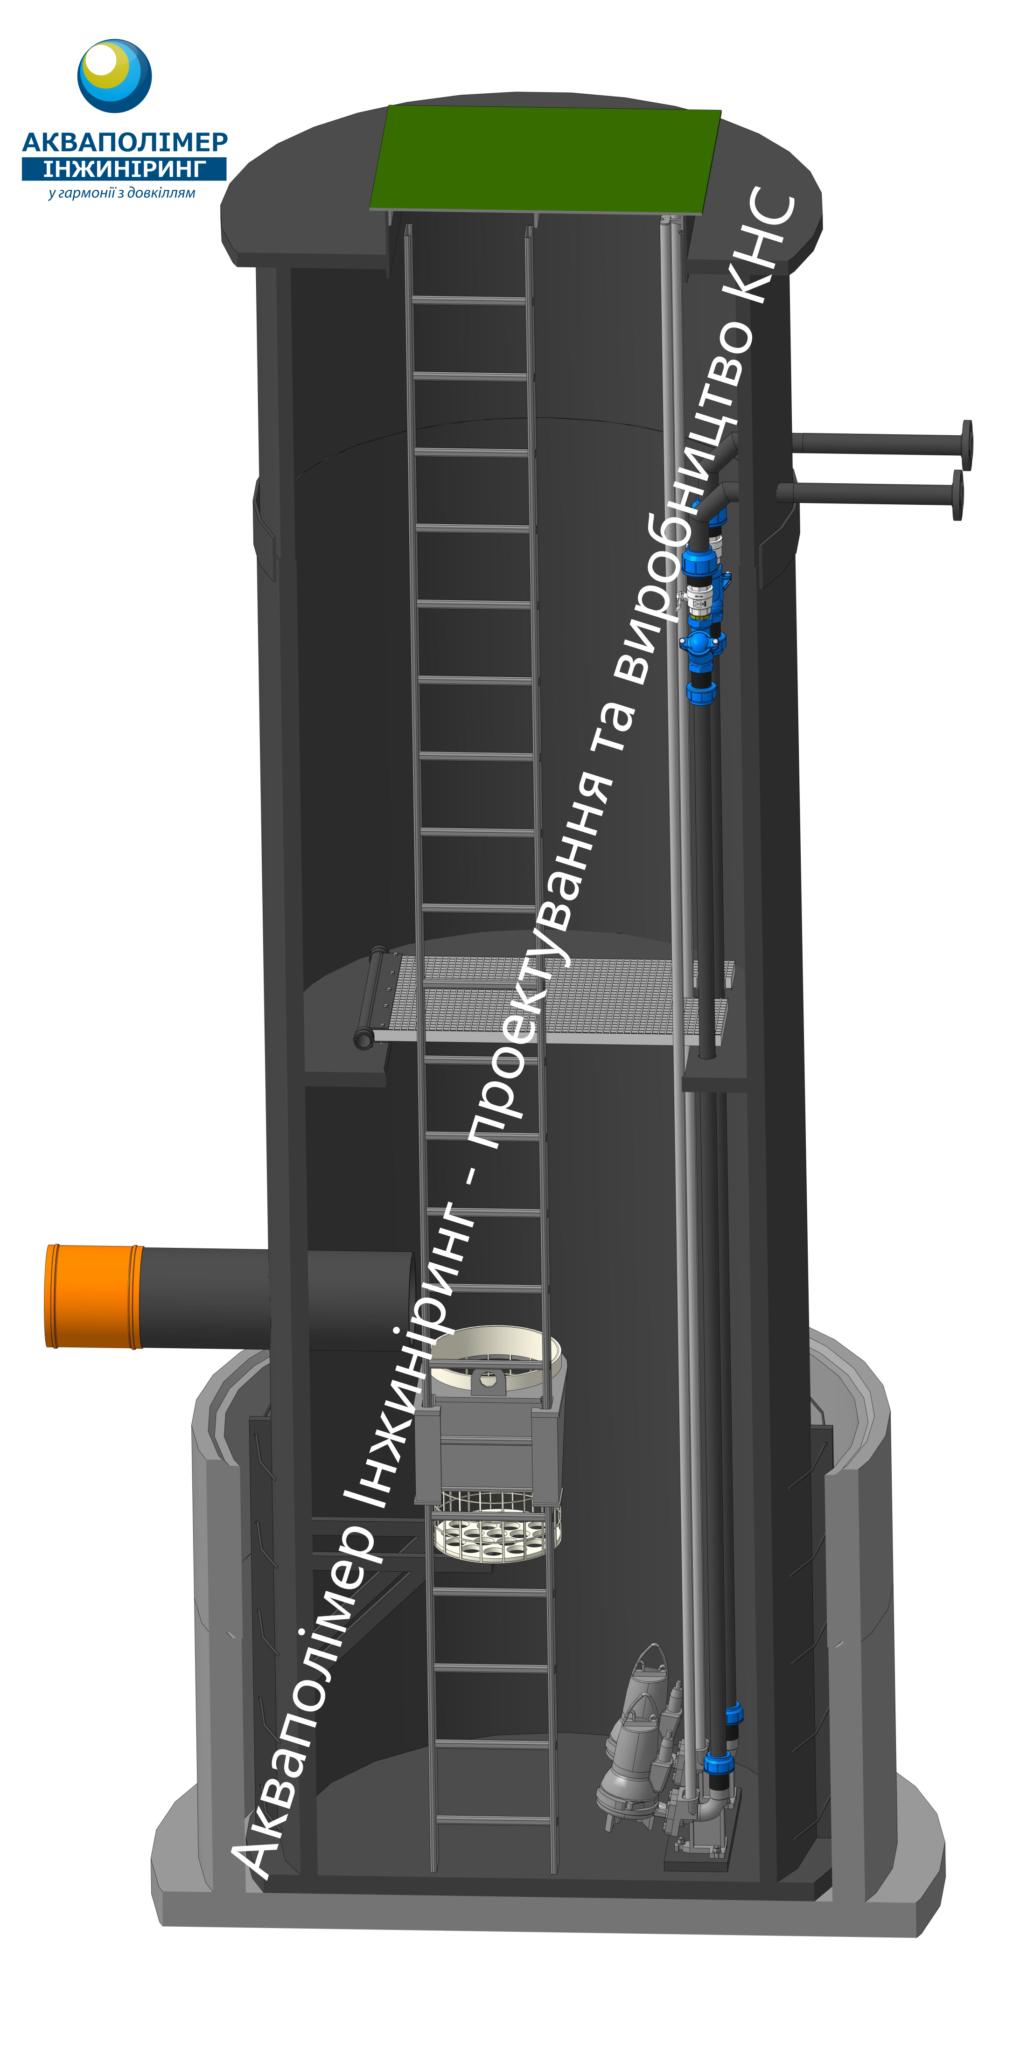 Проектирование КНС(канализационных насосных станций)